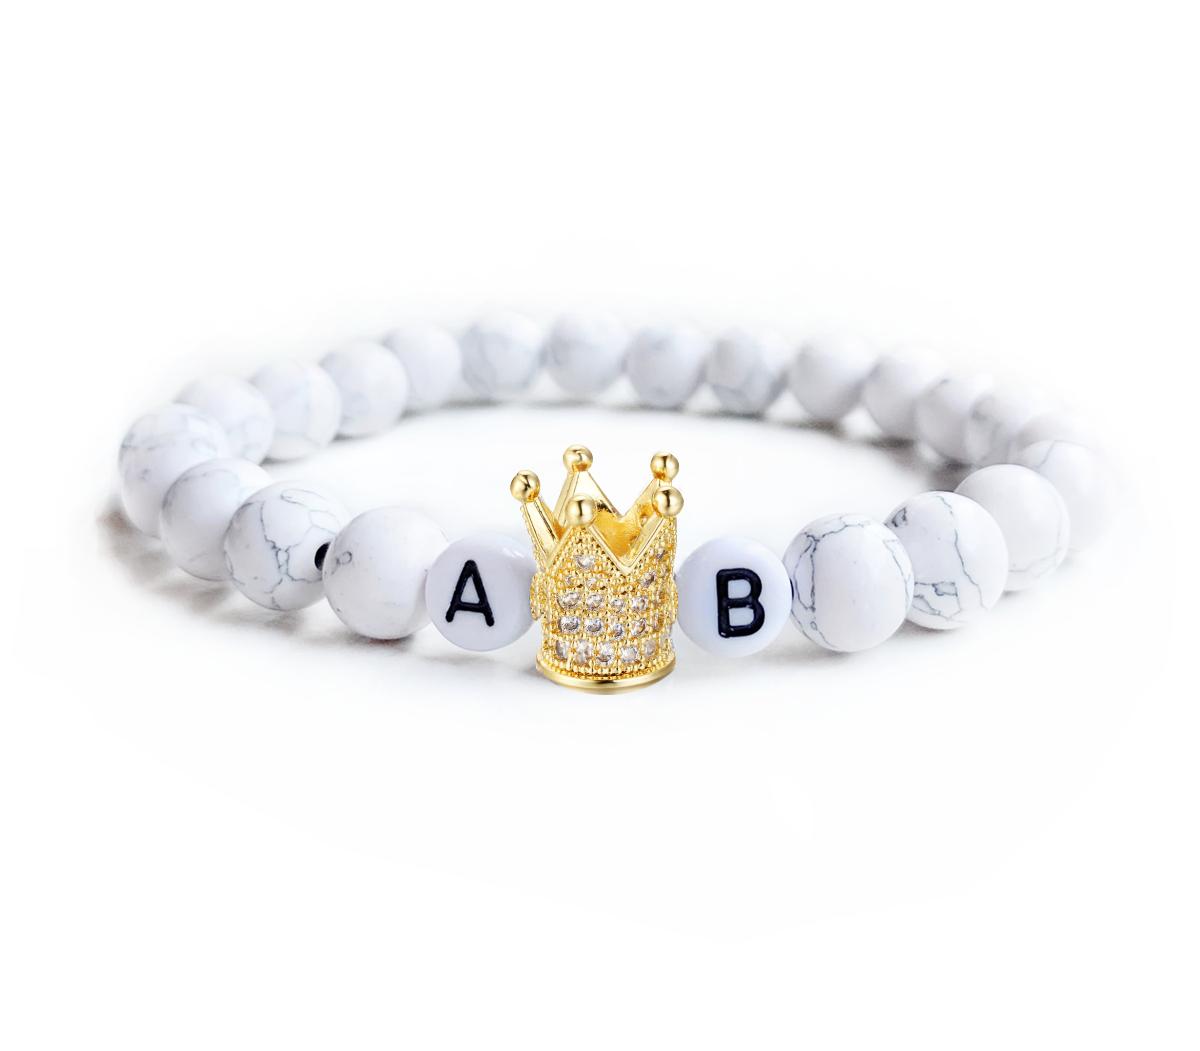 Biely mramorovaný s iniciály a zlatou korunou